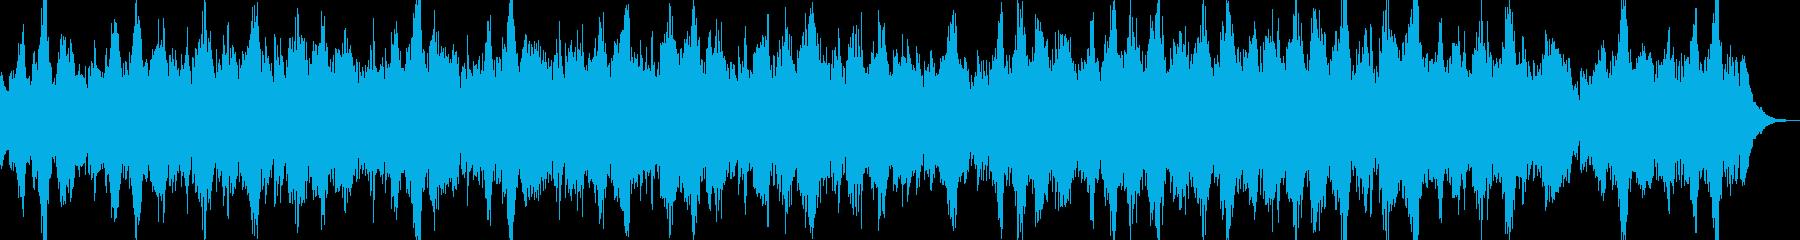 幸福と平和を想起させる感情的な、音...の再生済みの波形